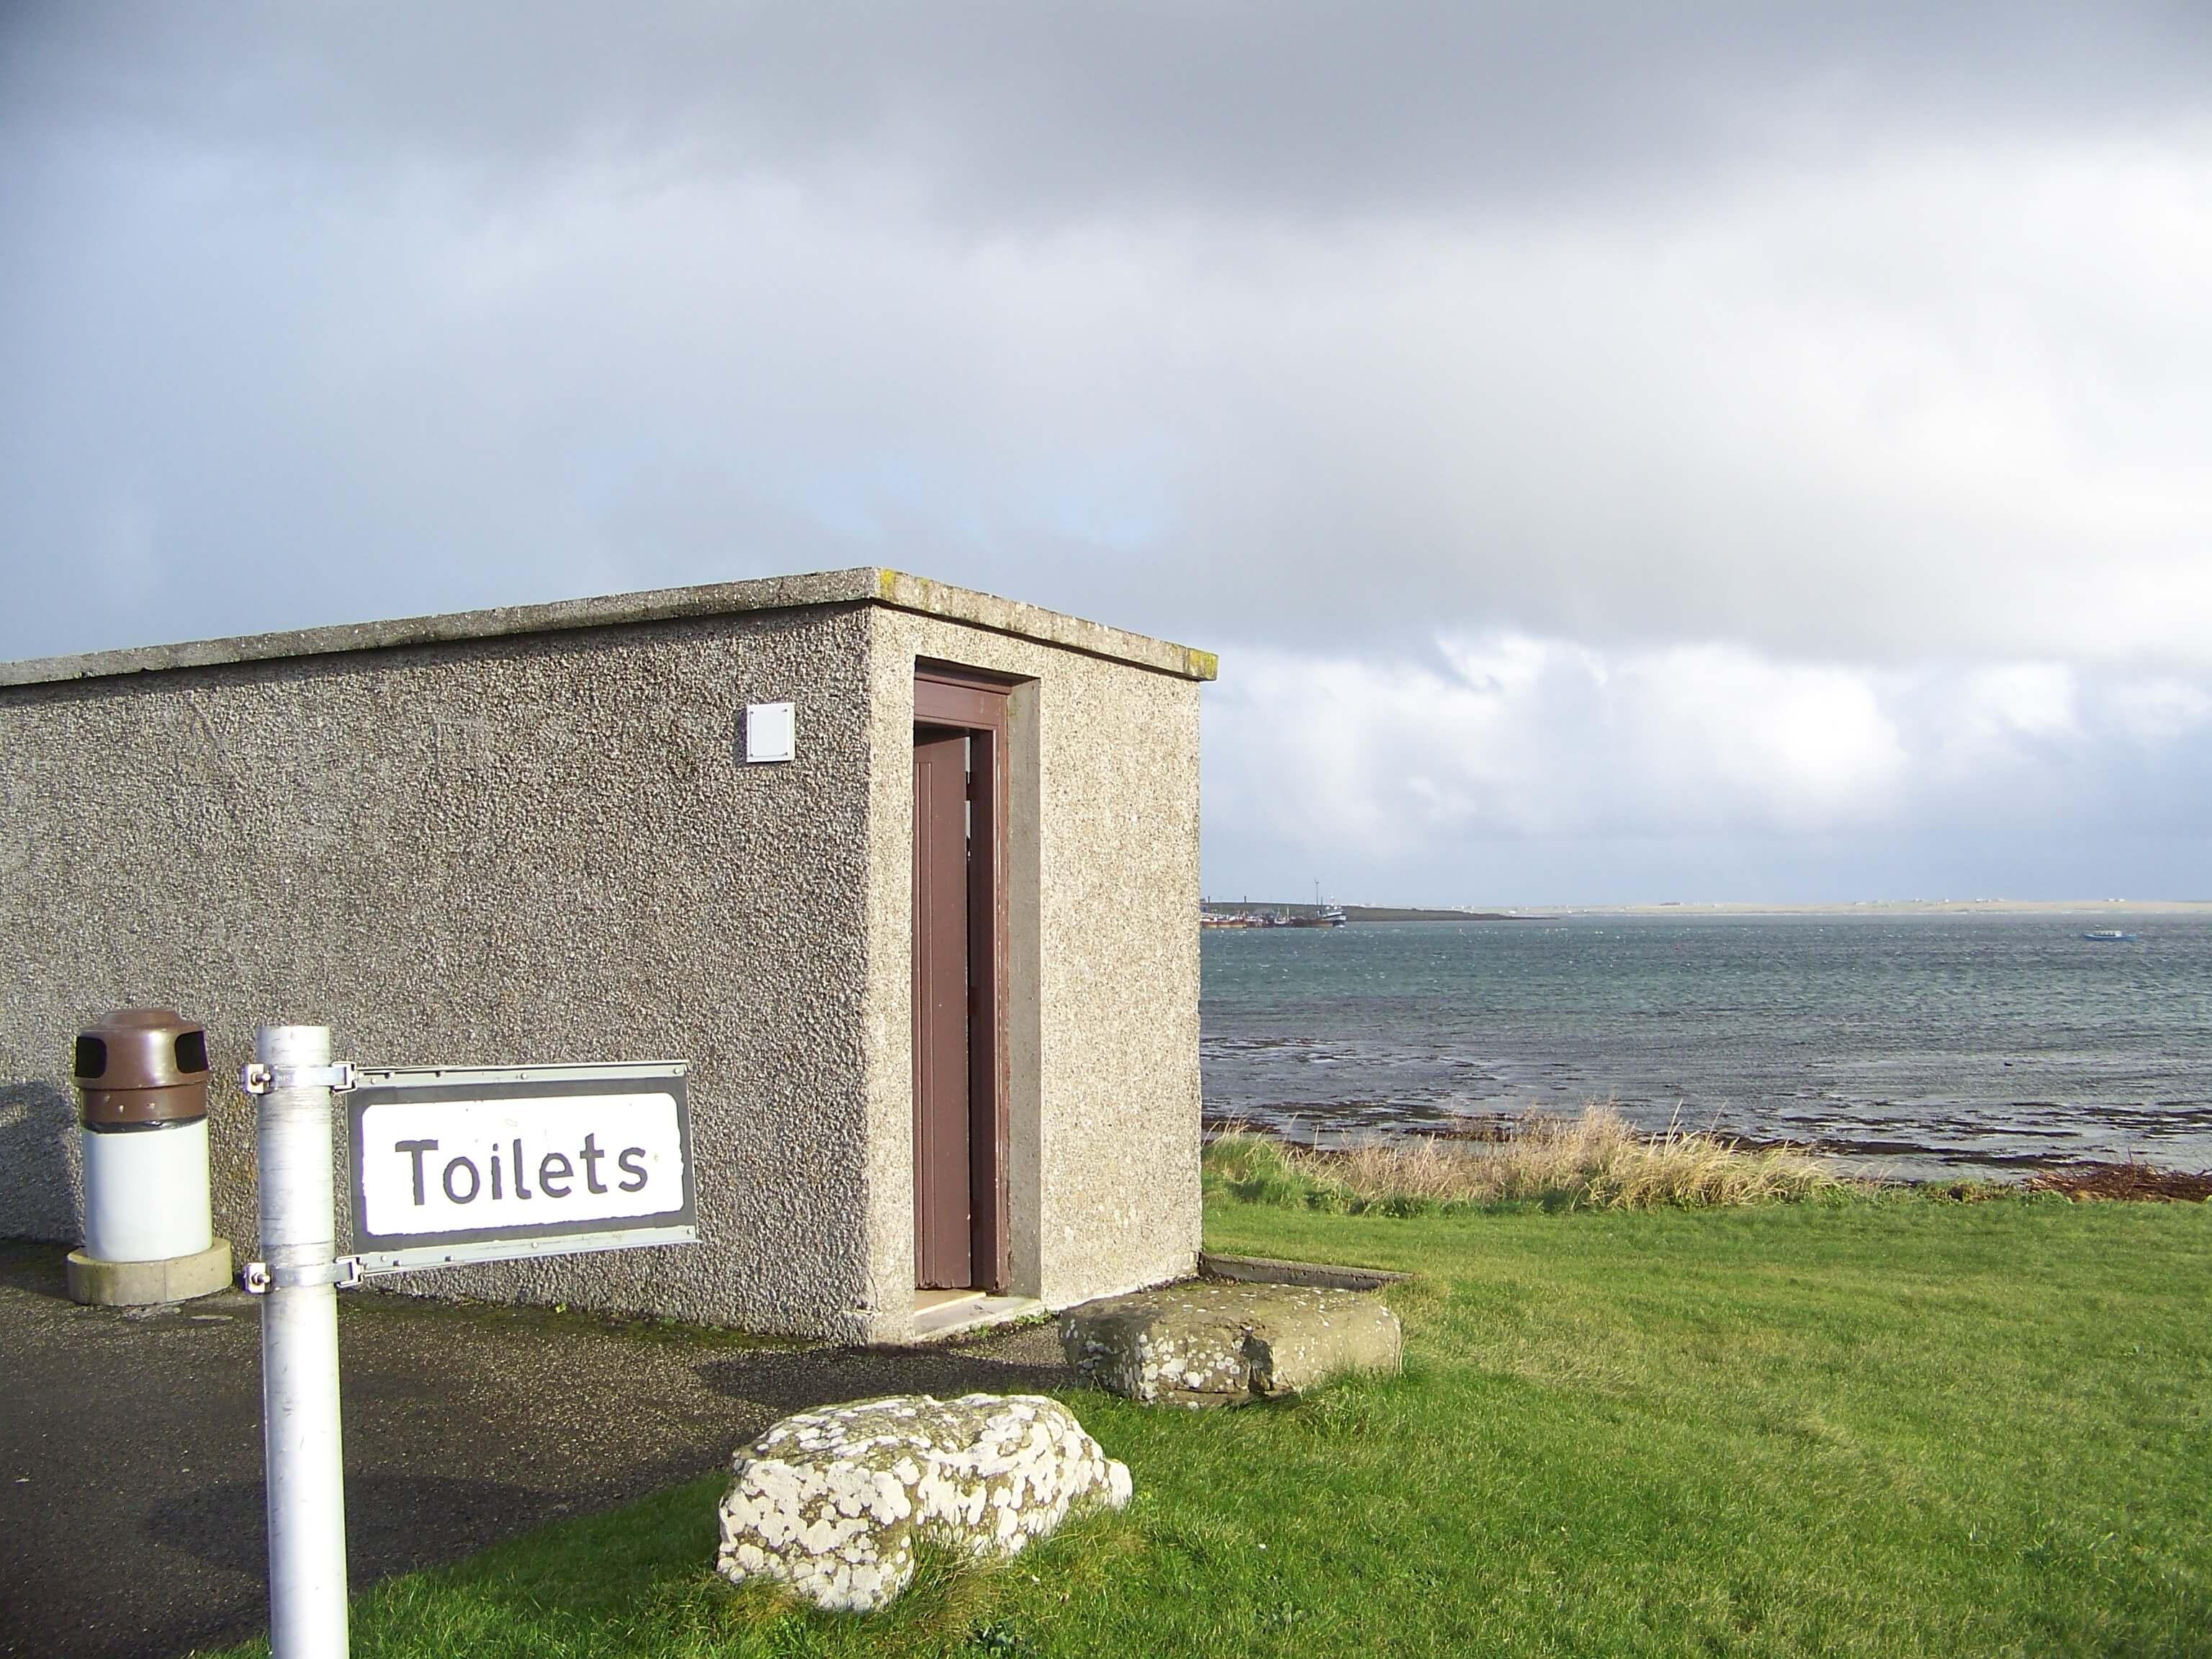 Public toilet in Westray, Orkney